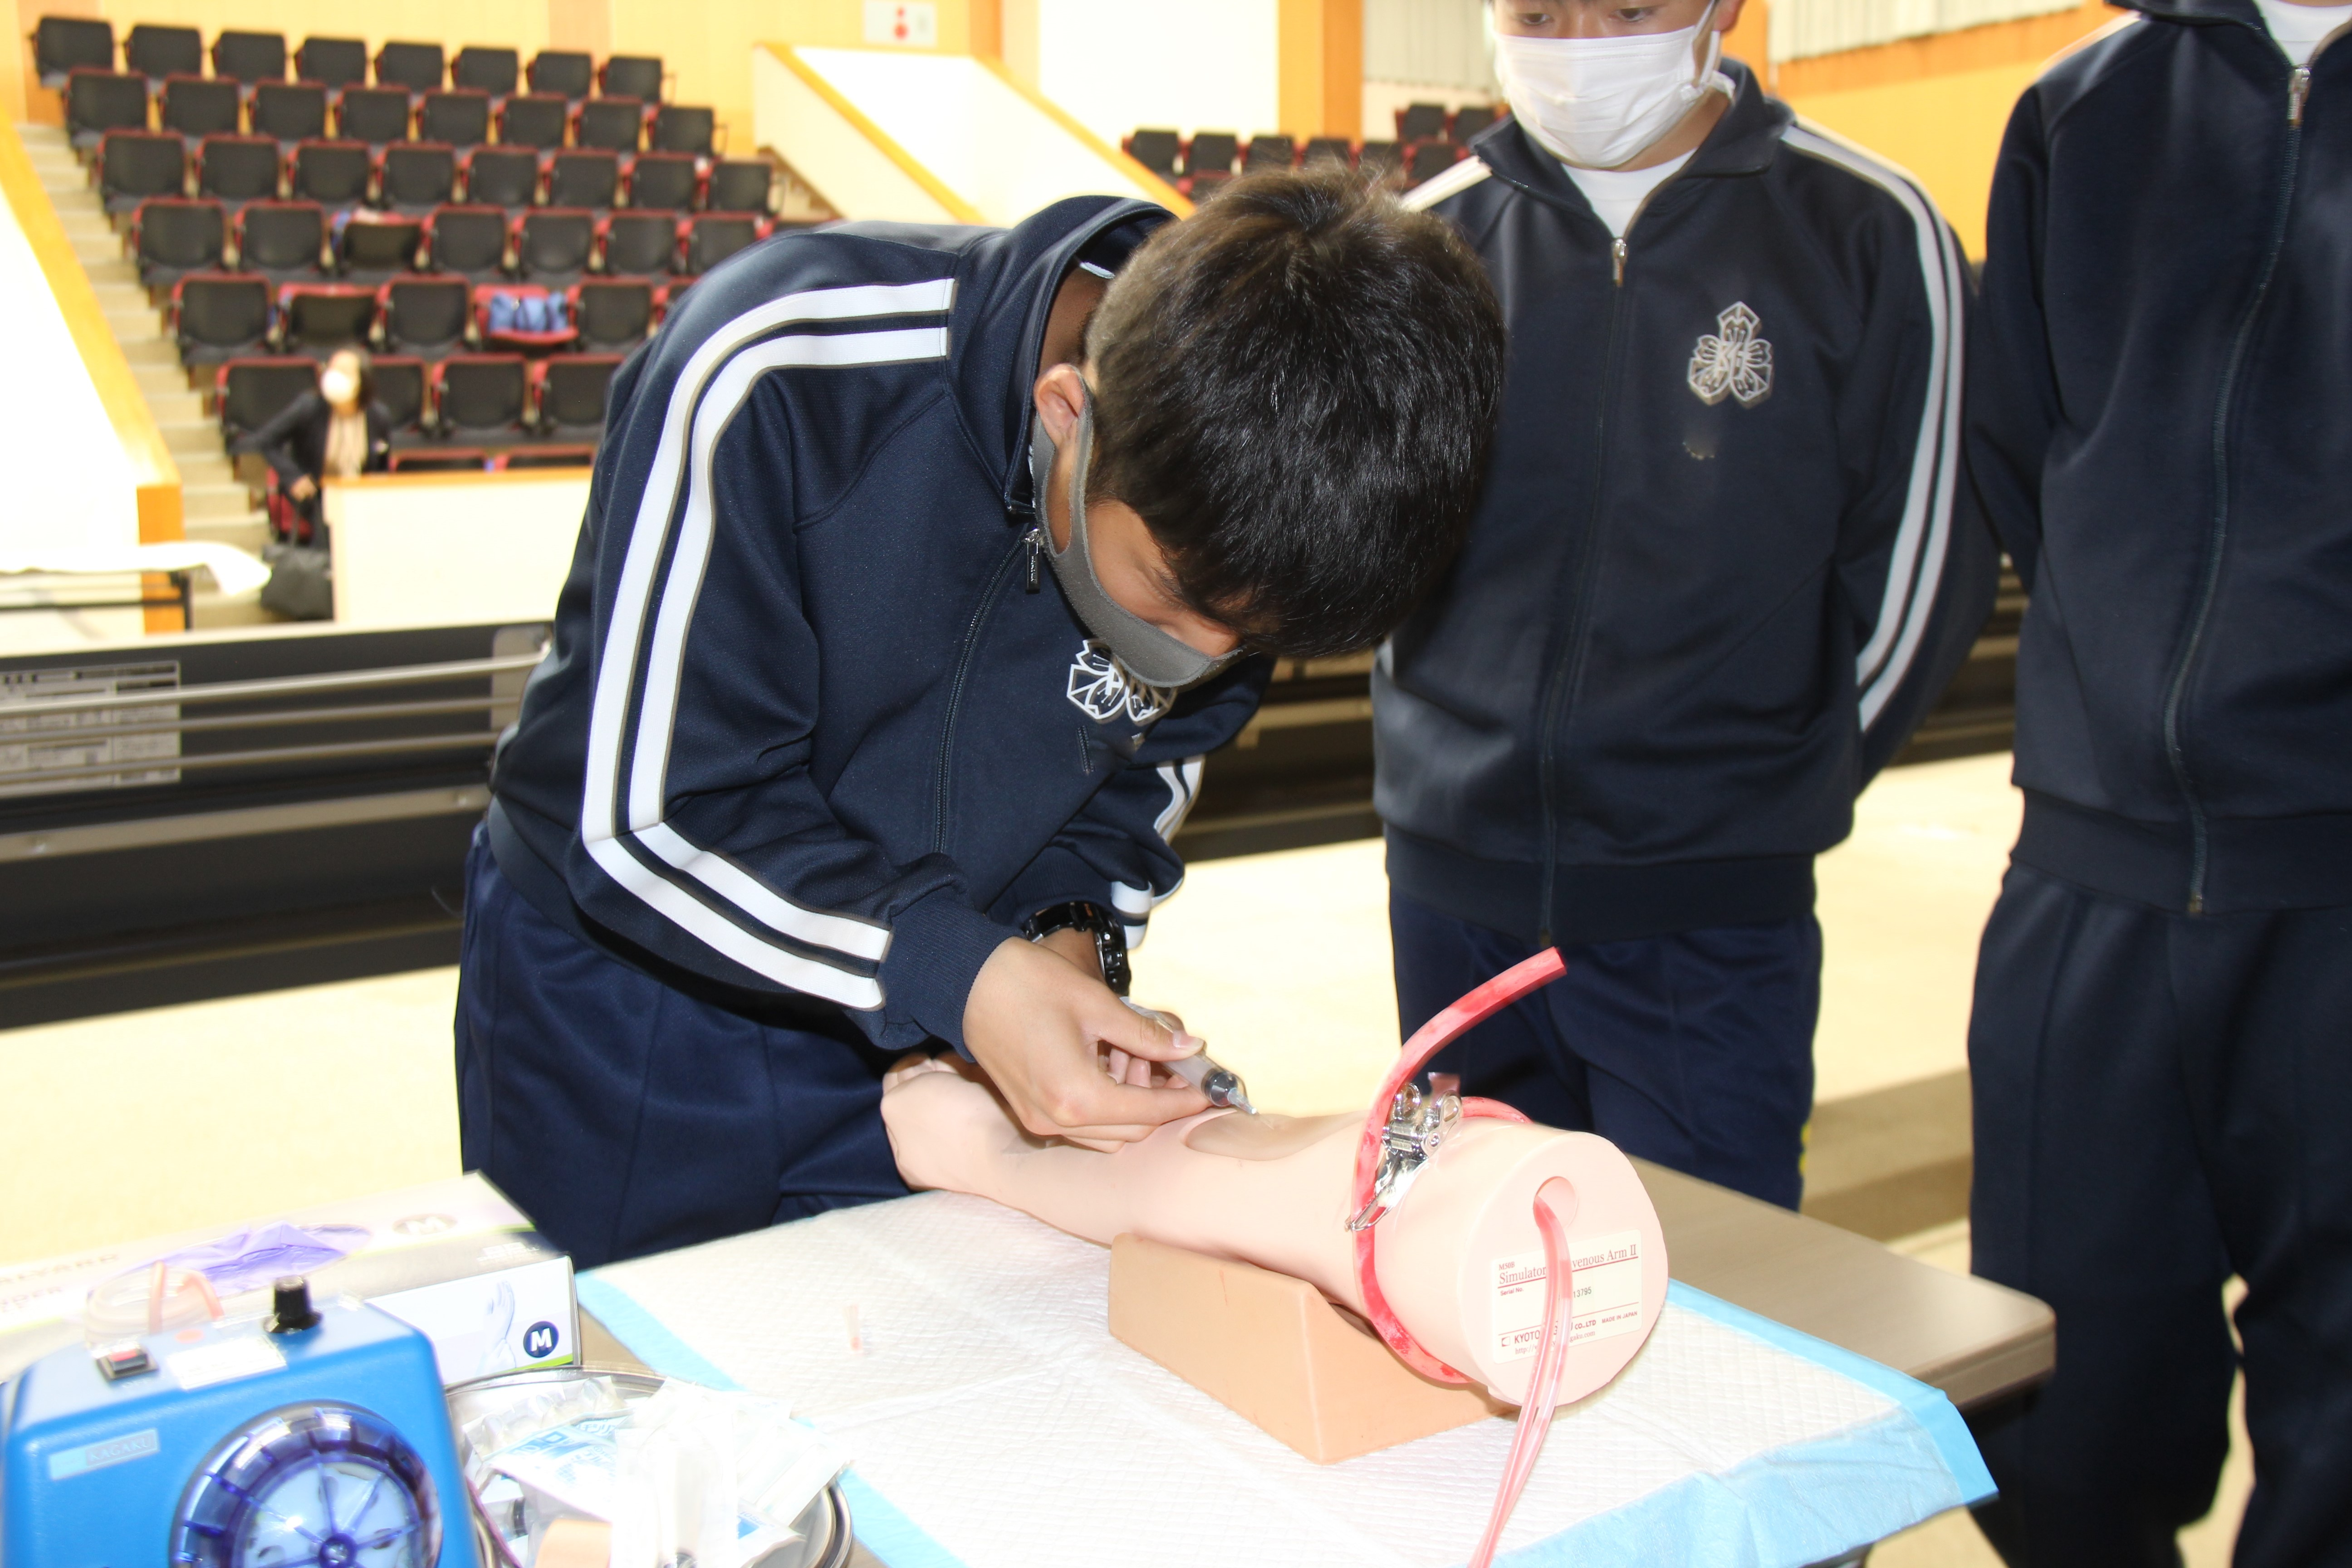 トップ > 新着情報 > 鳥取大学附属中学校3年生が修学旅行(体験実習)で医学部を訪れました02